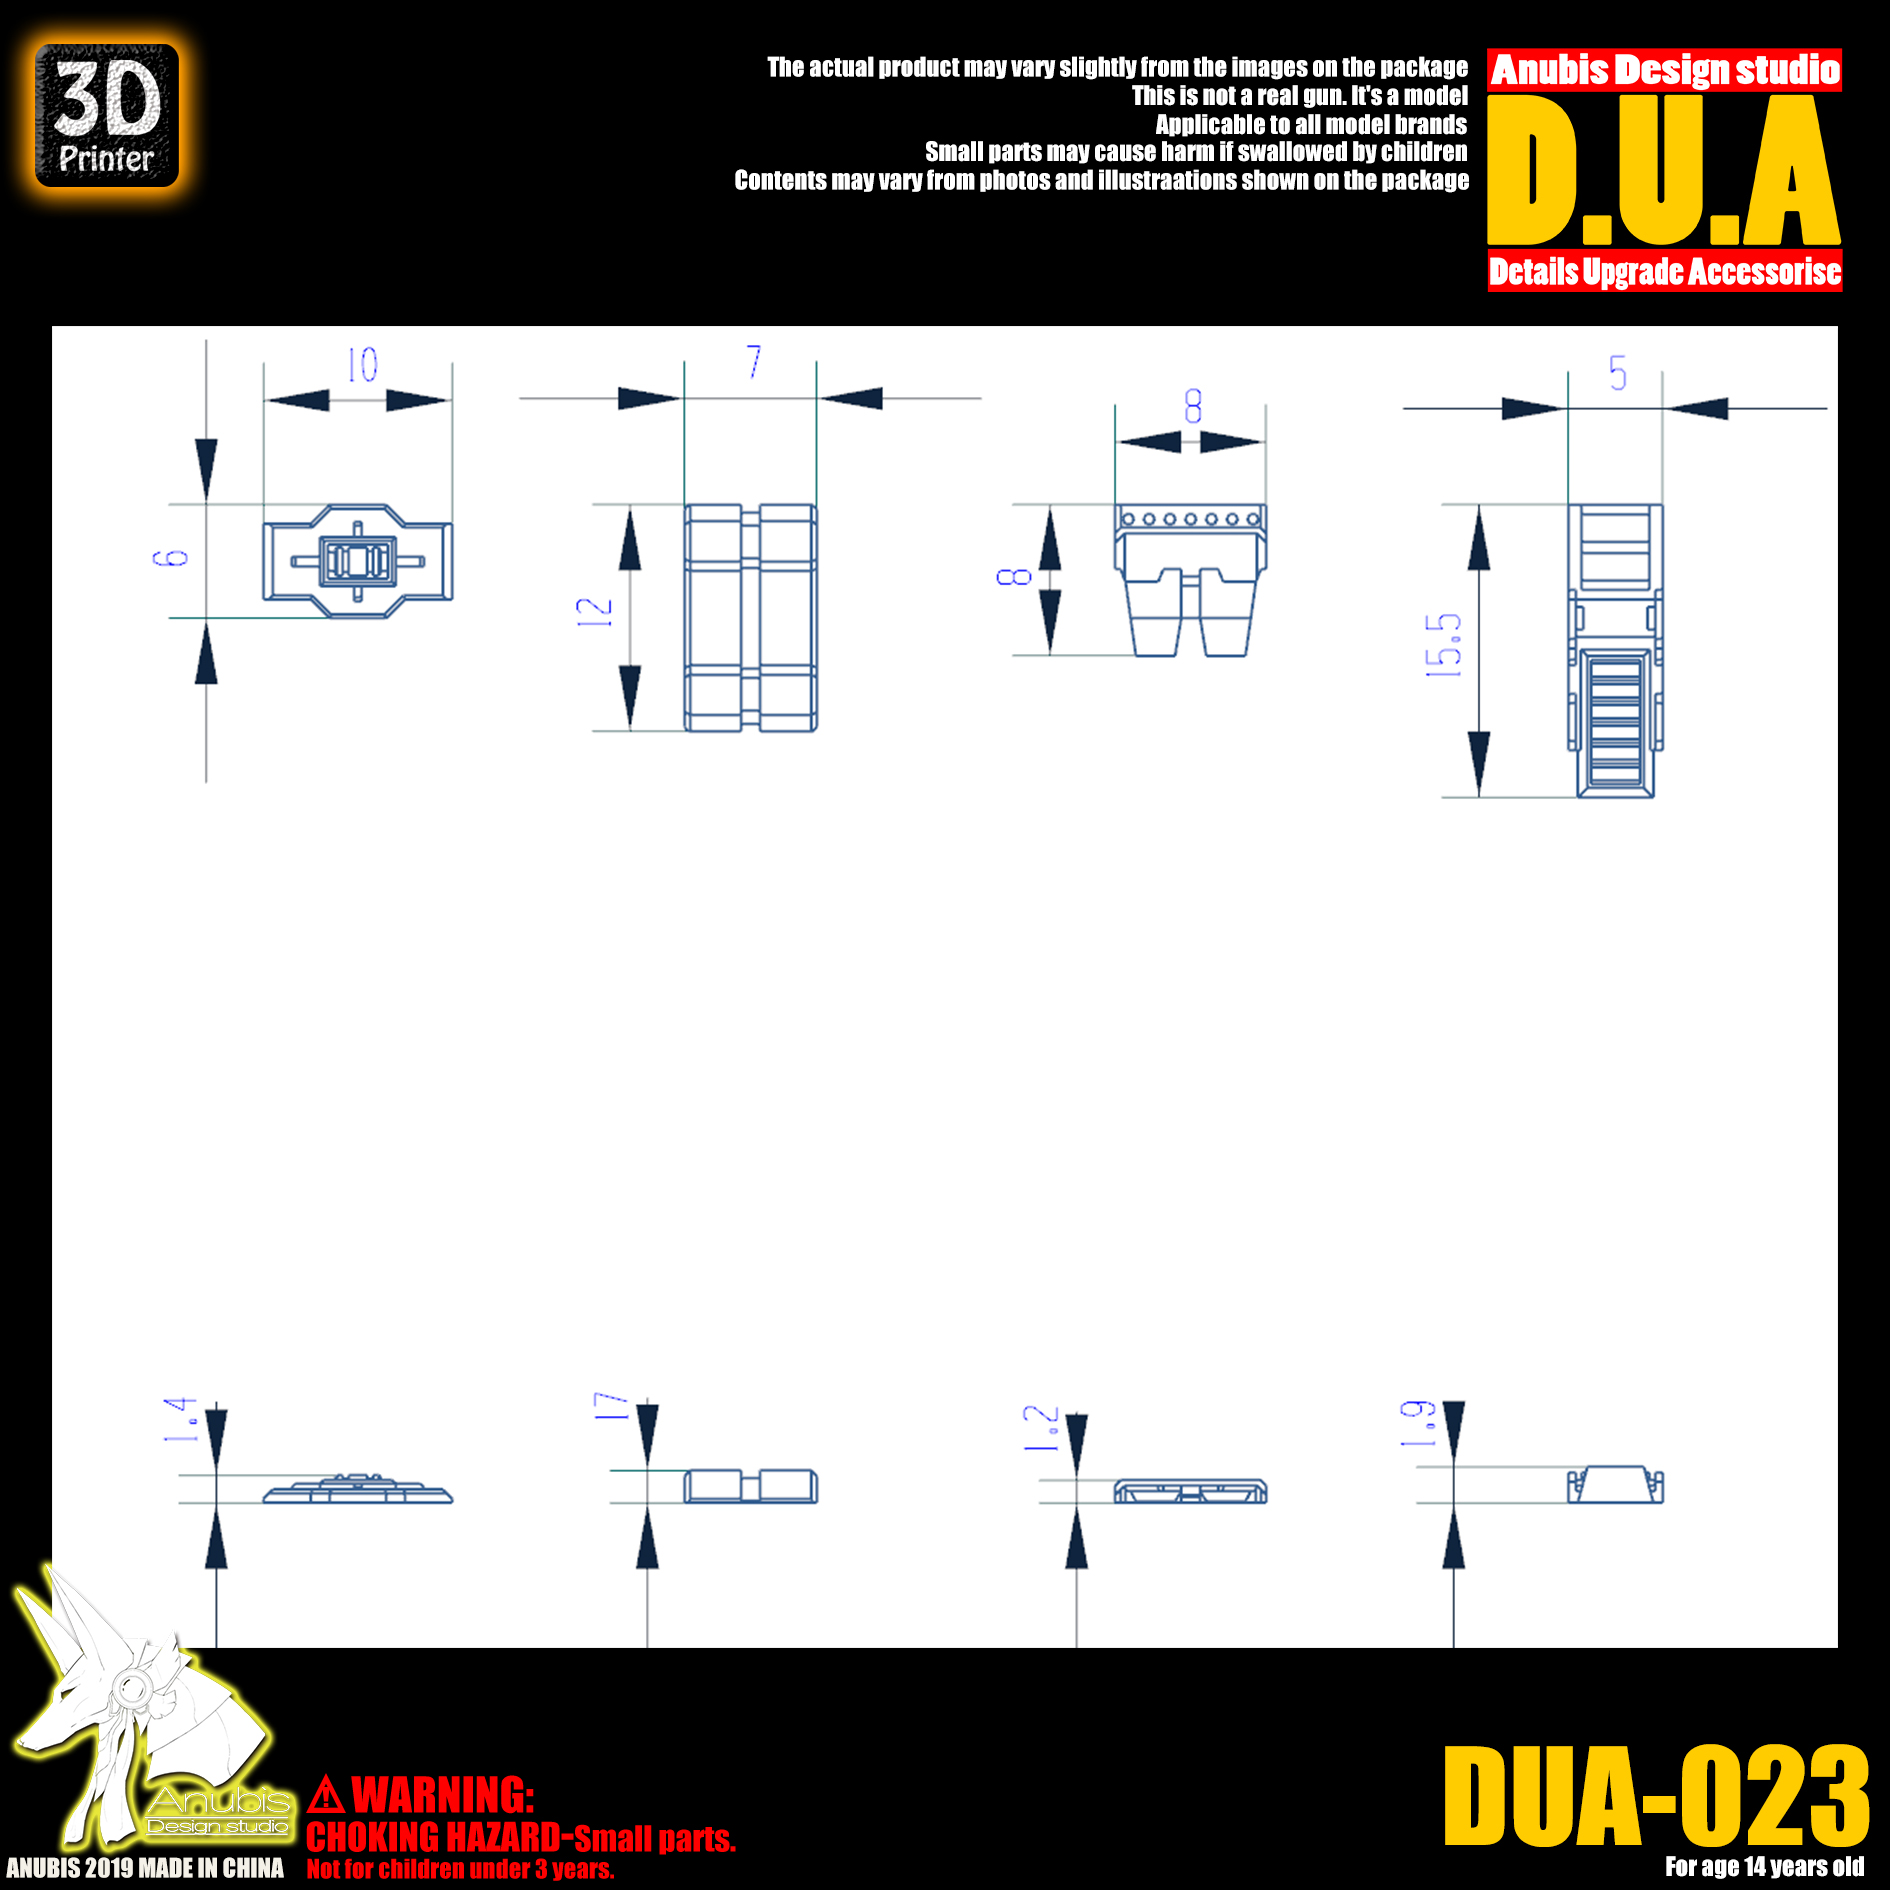 G413_DUA023_001.jpg